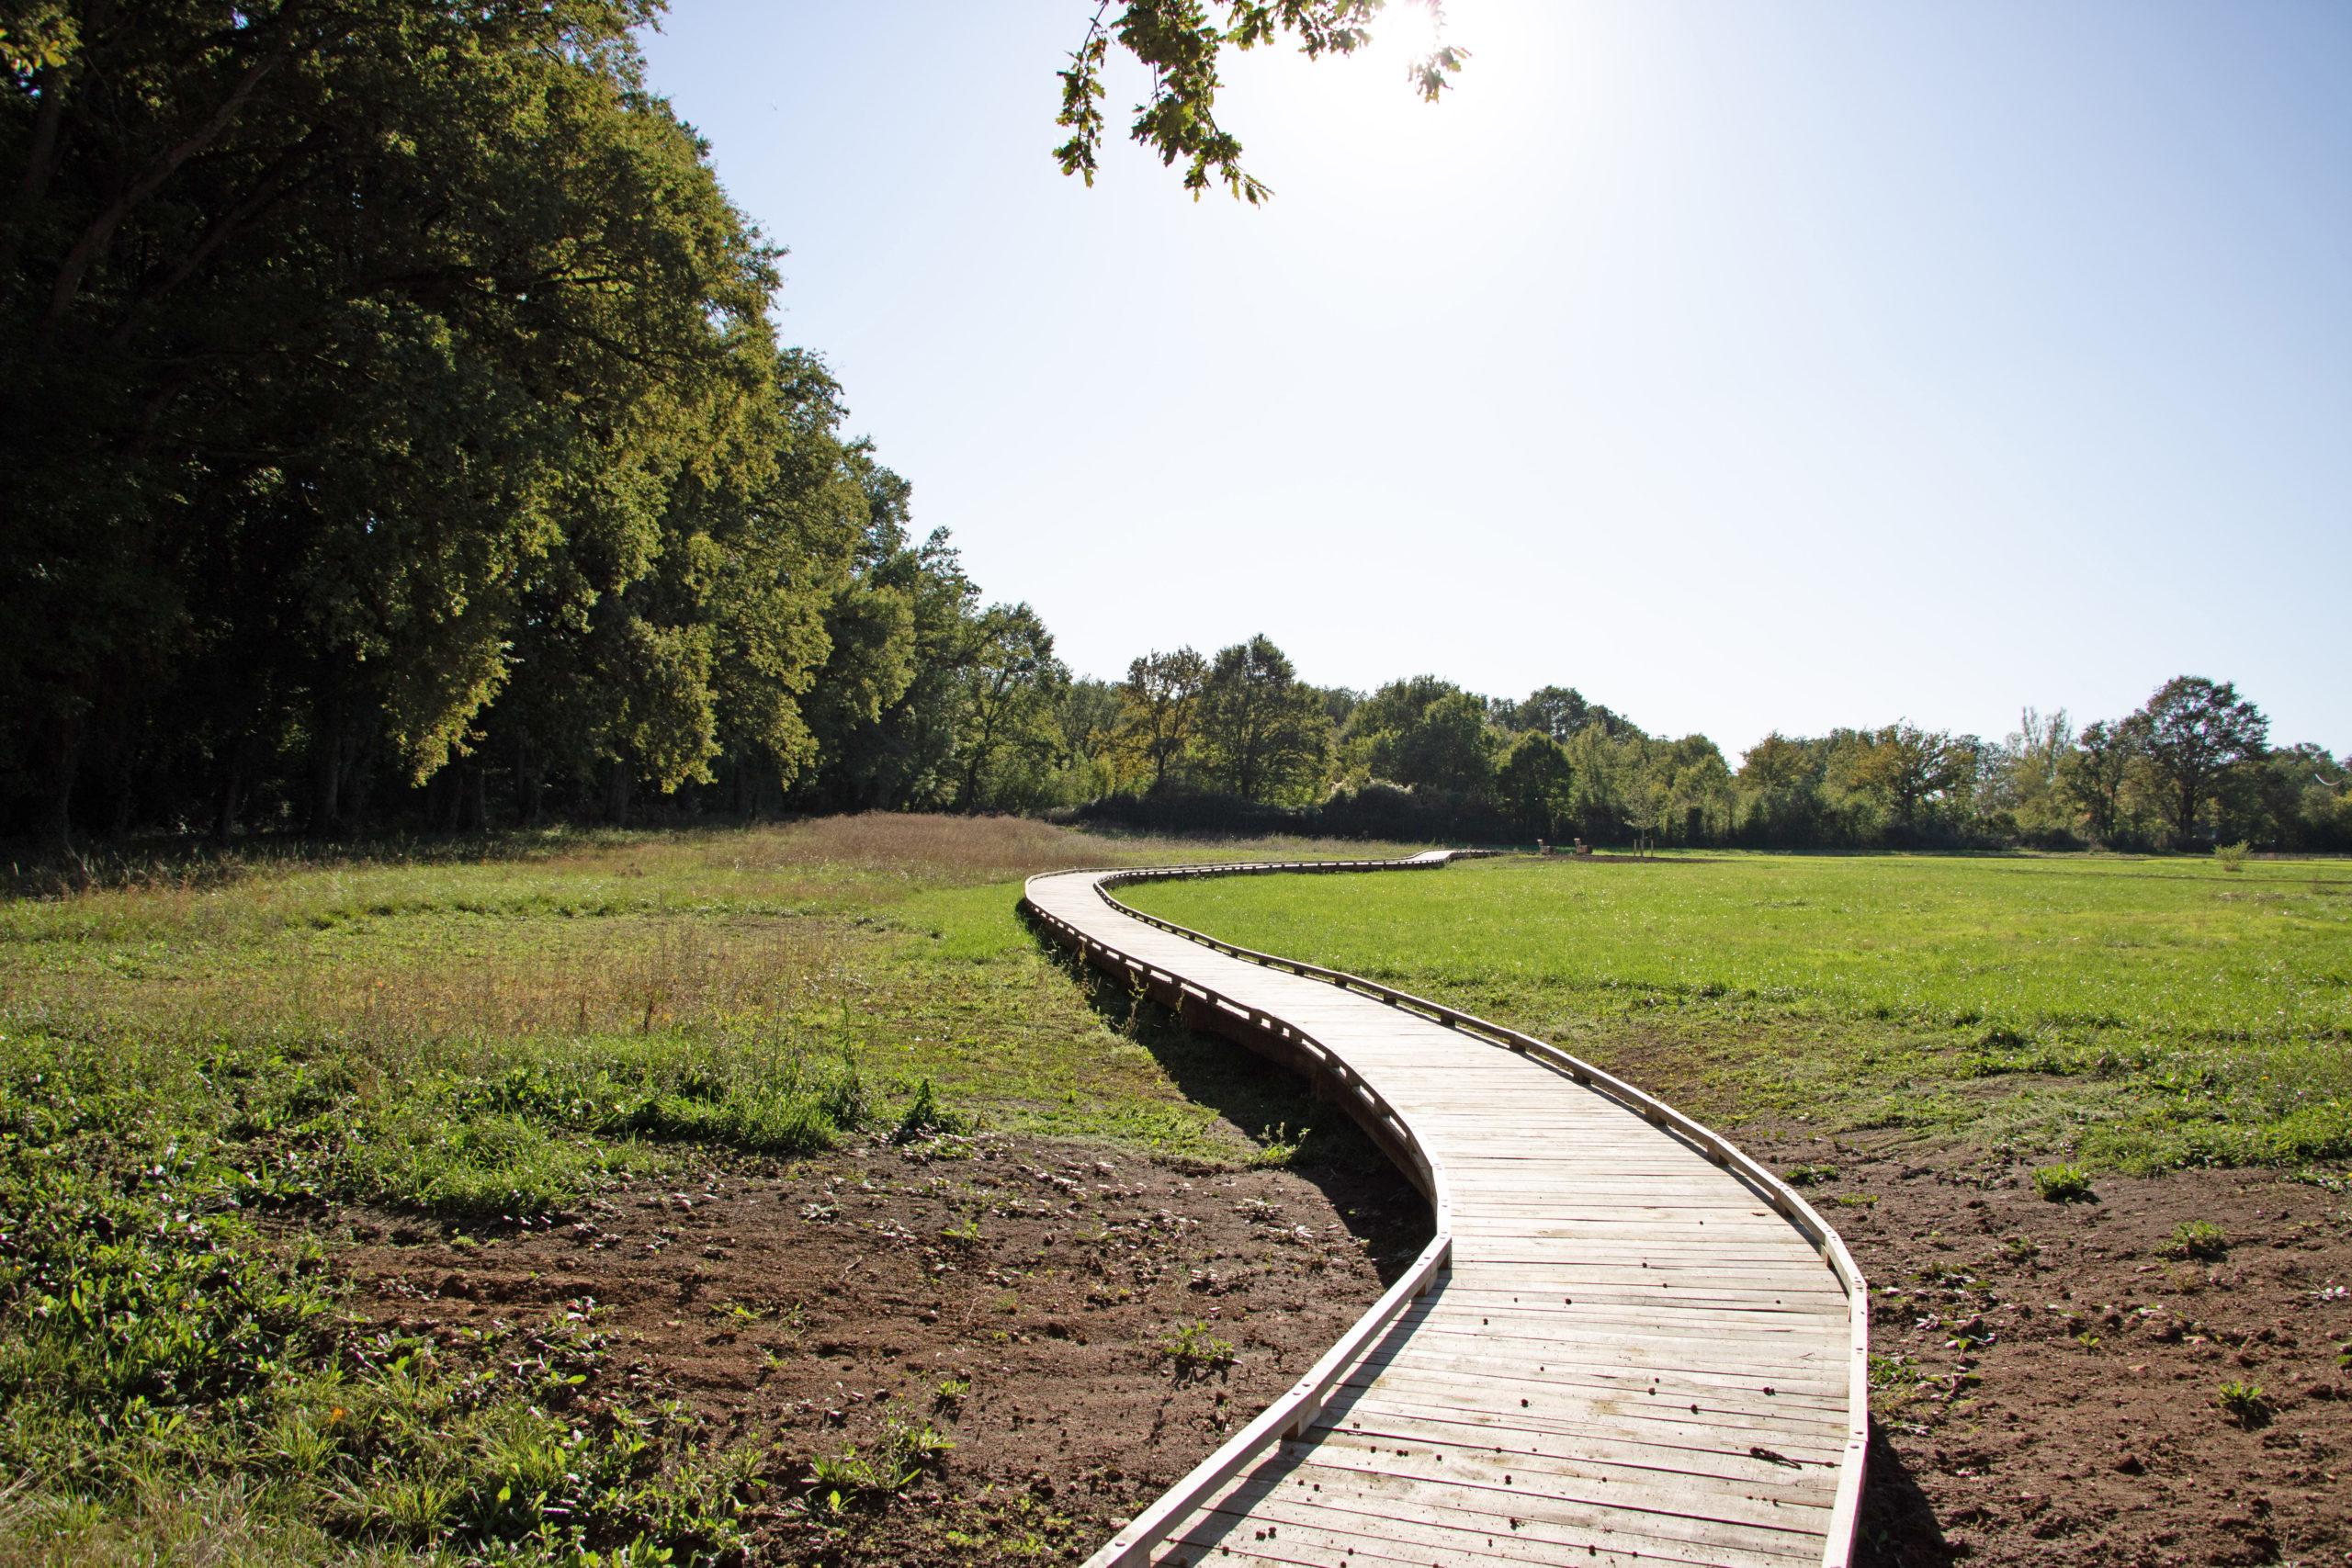 passerelle-bois-jardin-botanique-idspace